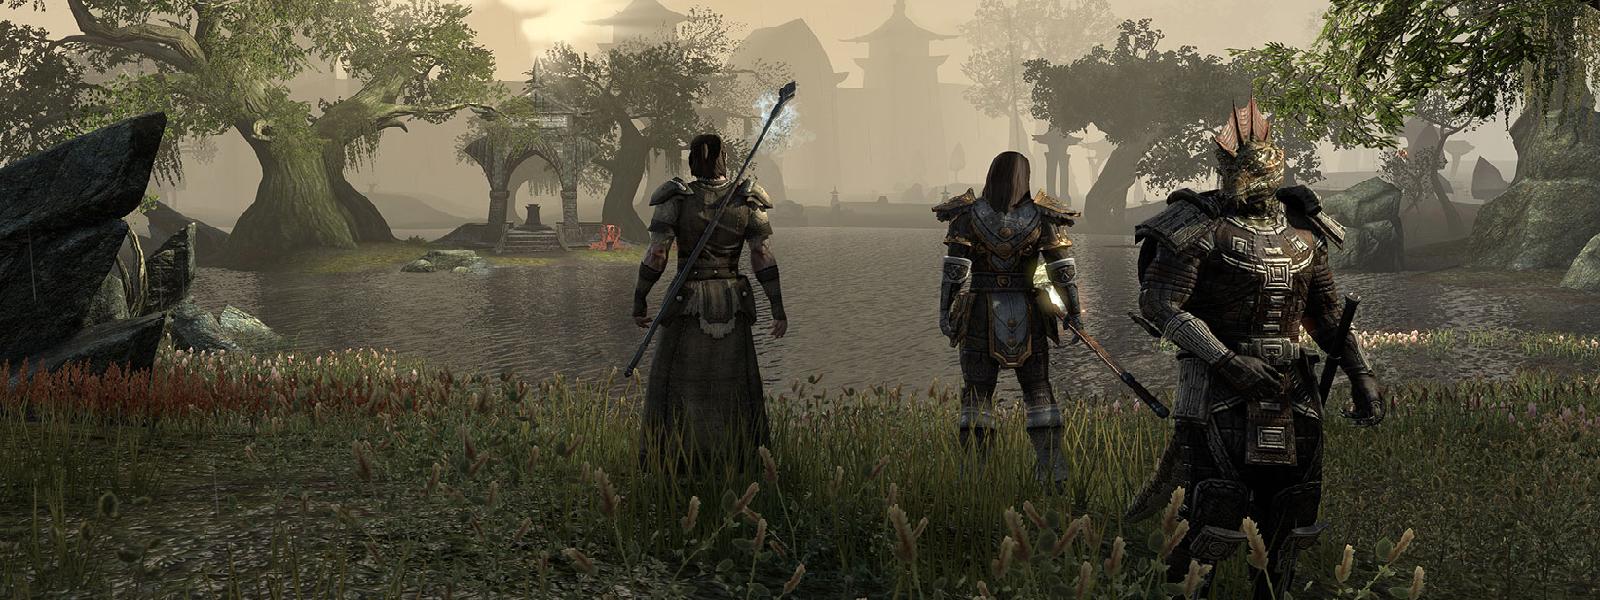 Ludophiles-Guild-Ebonheart-Pact.